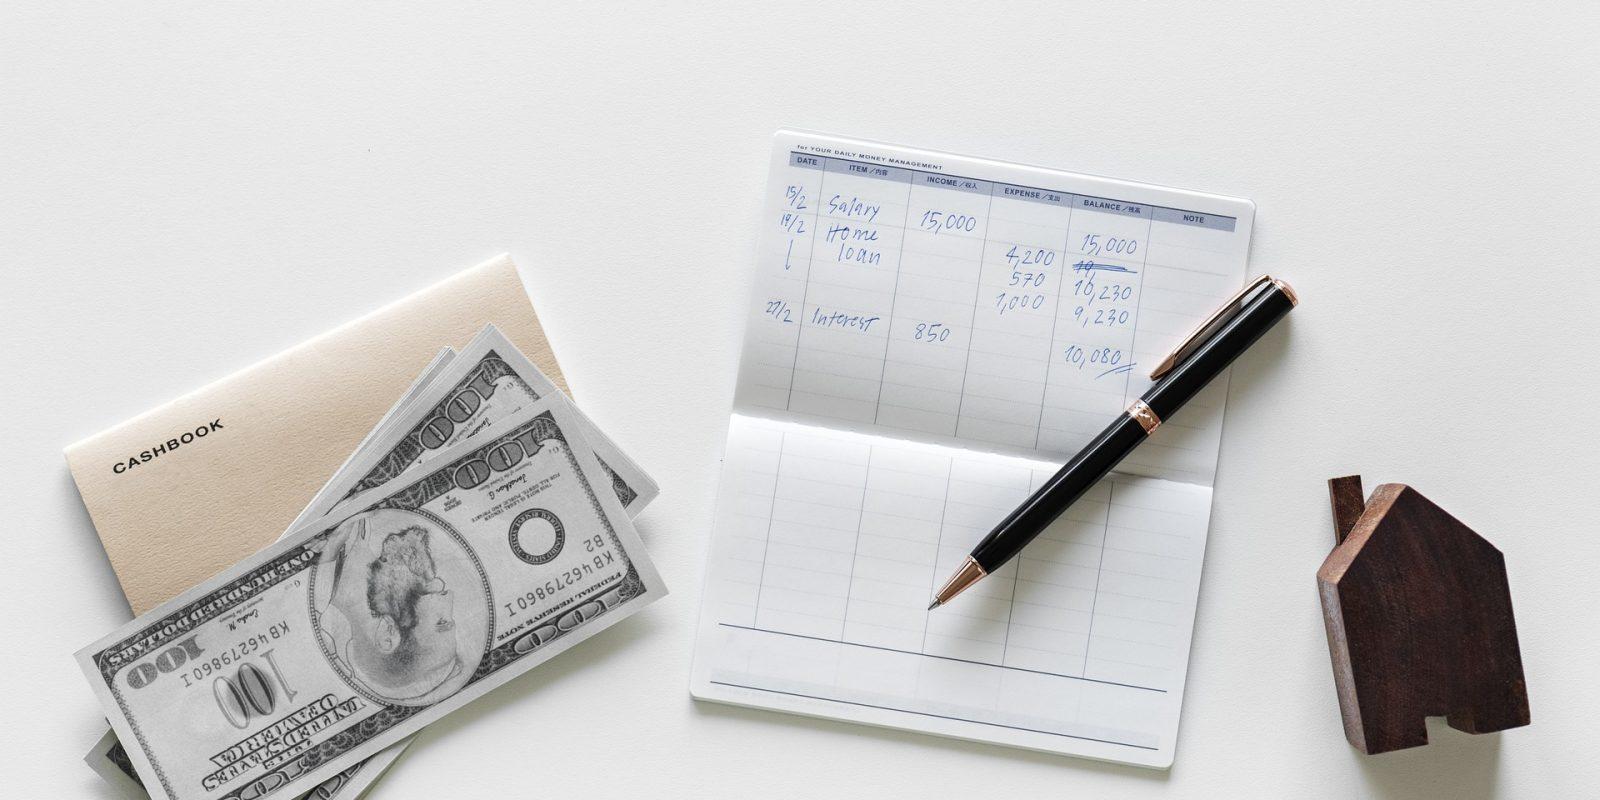 Wells Fargo Account